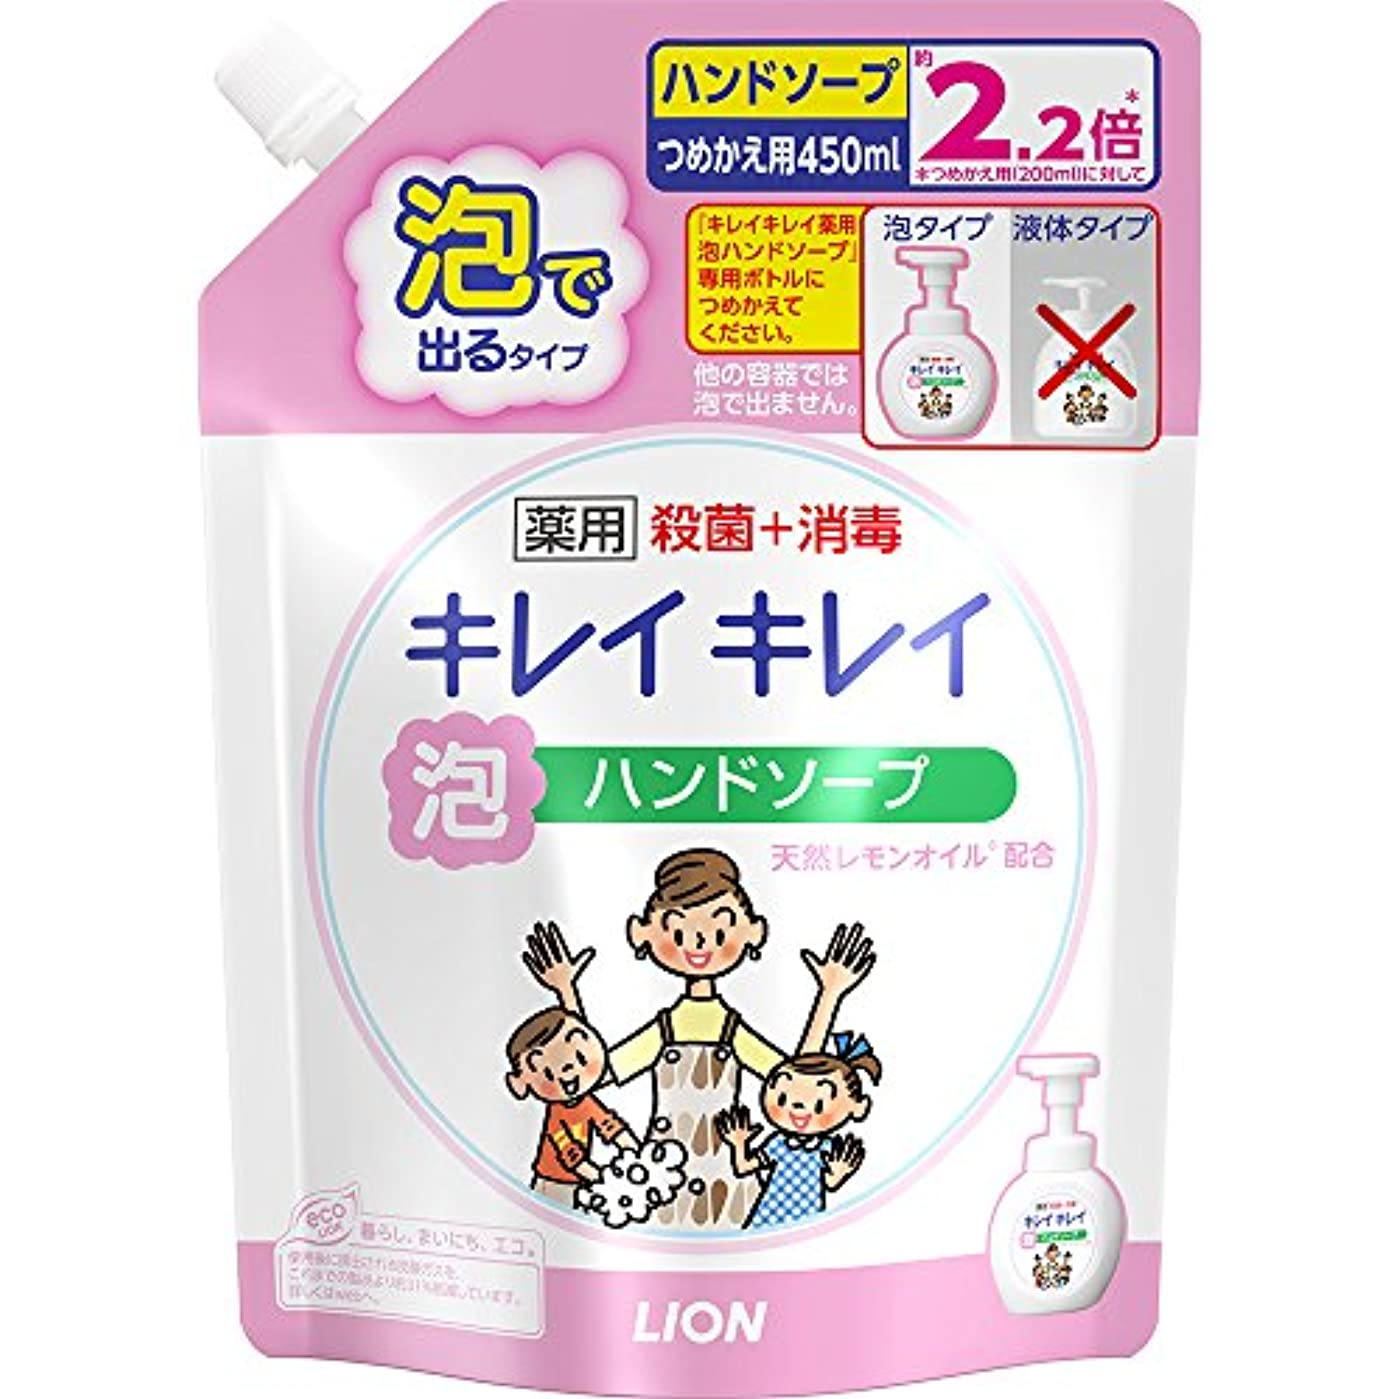 有望近代化する焼くキレイキレイ 薬用 泡ハンドソープ シトラスフルーティの香り 詰め替え 450ml(医薬部外品)